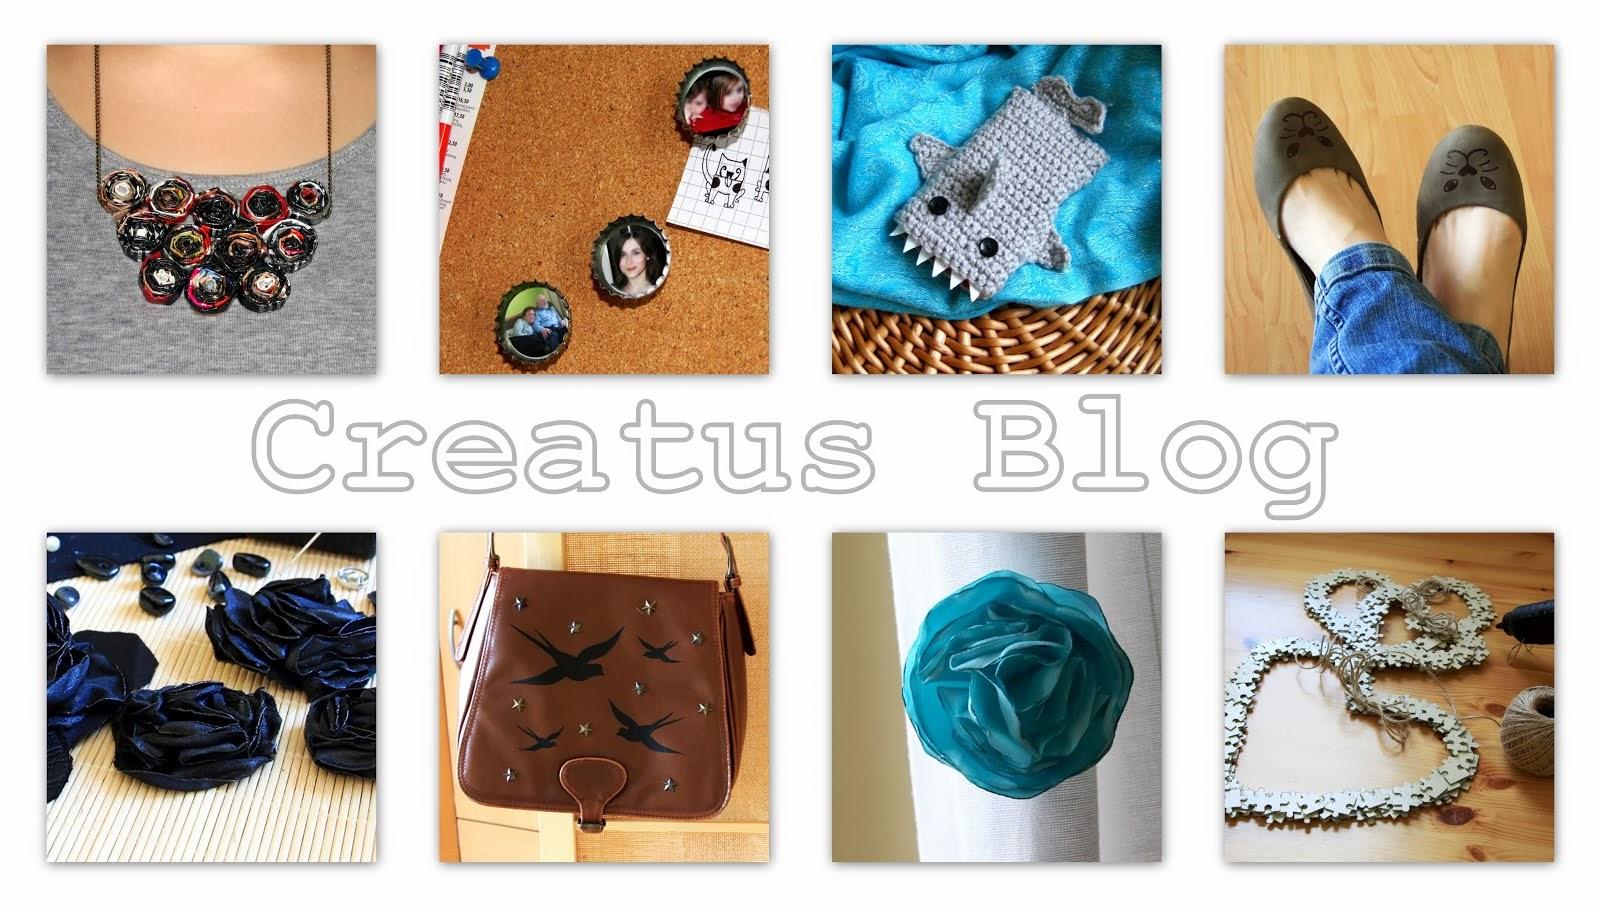 Creatus Blog